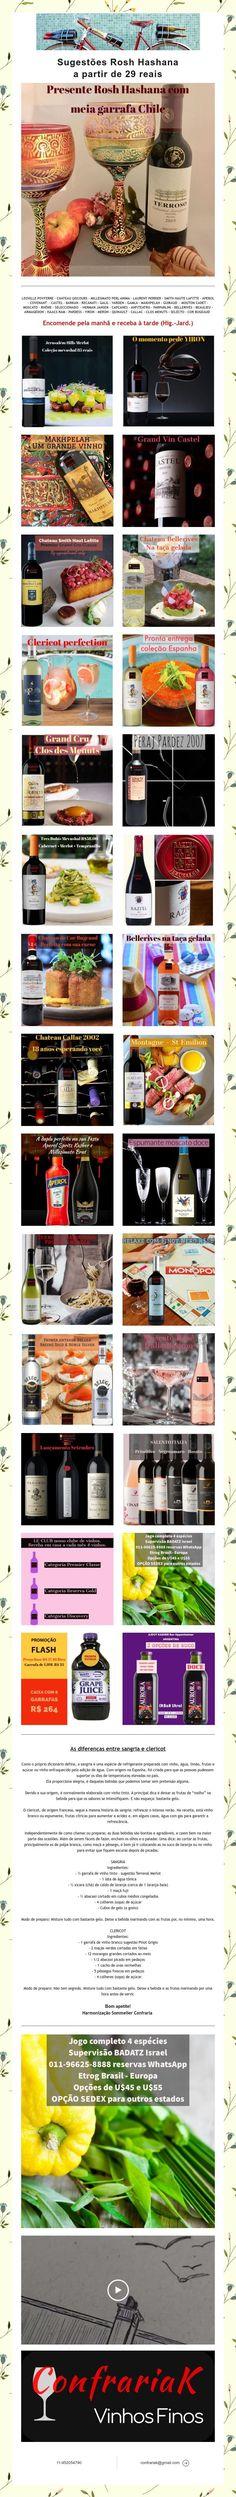 Sugestões Rosh Hashana  a partir de 29 reais Mouton Cadet, Laurent Perrier, Wine Pairings